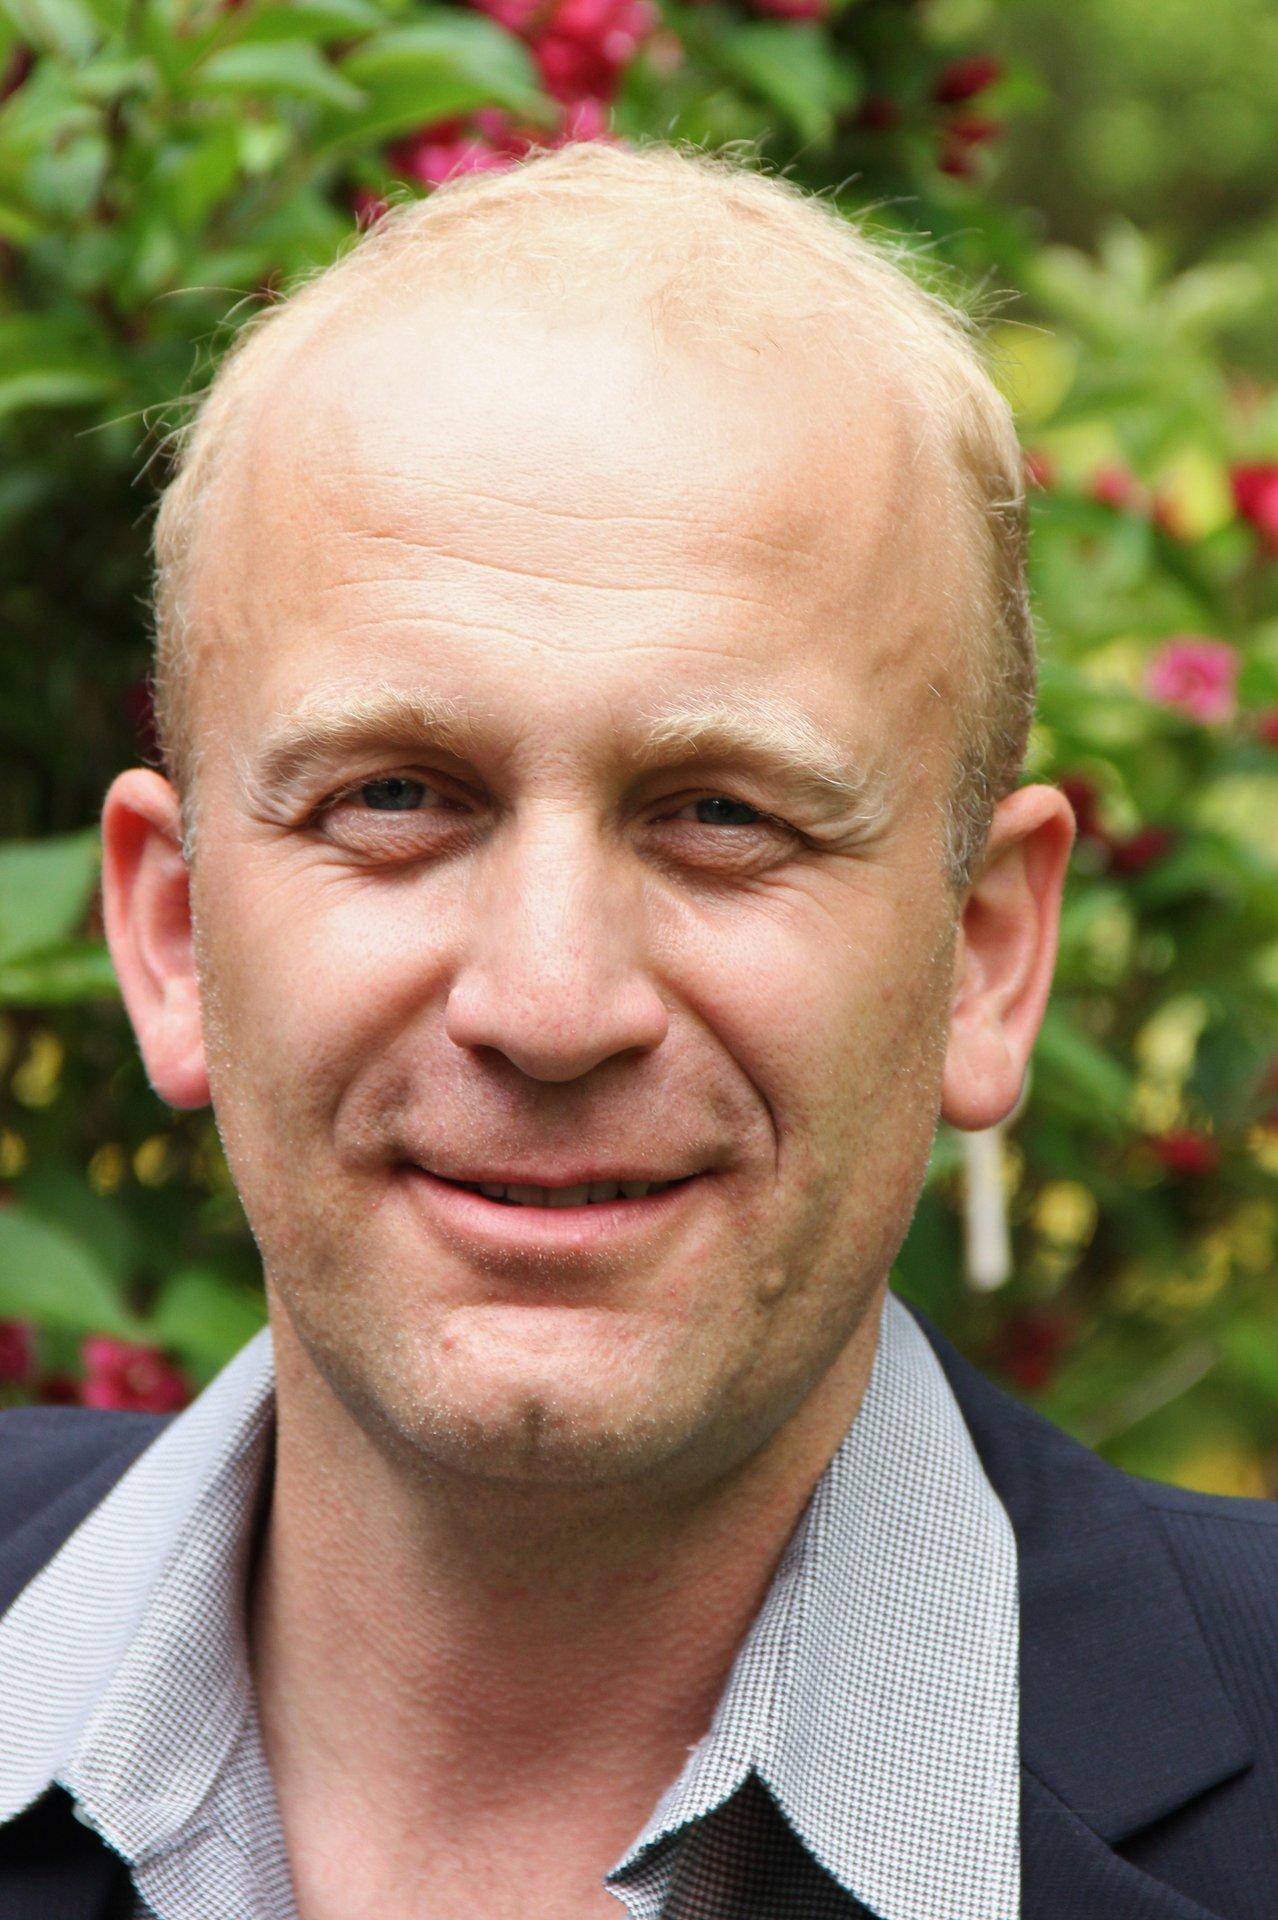 Dirk Beinhold Net Worth